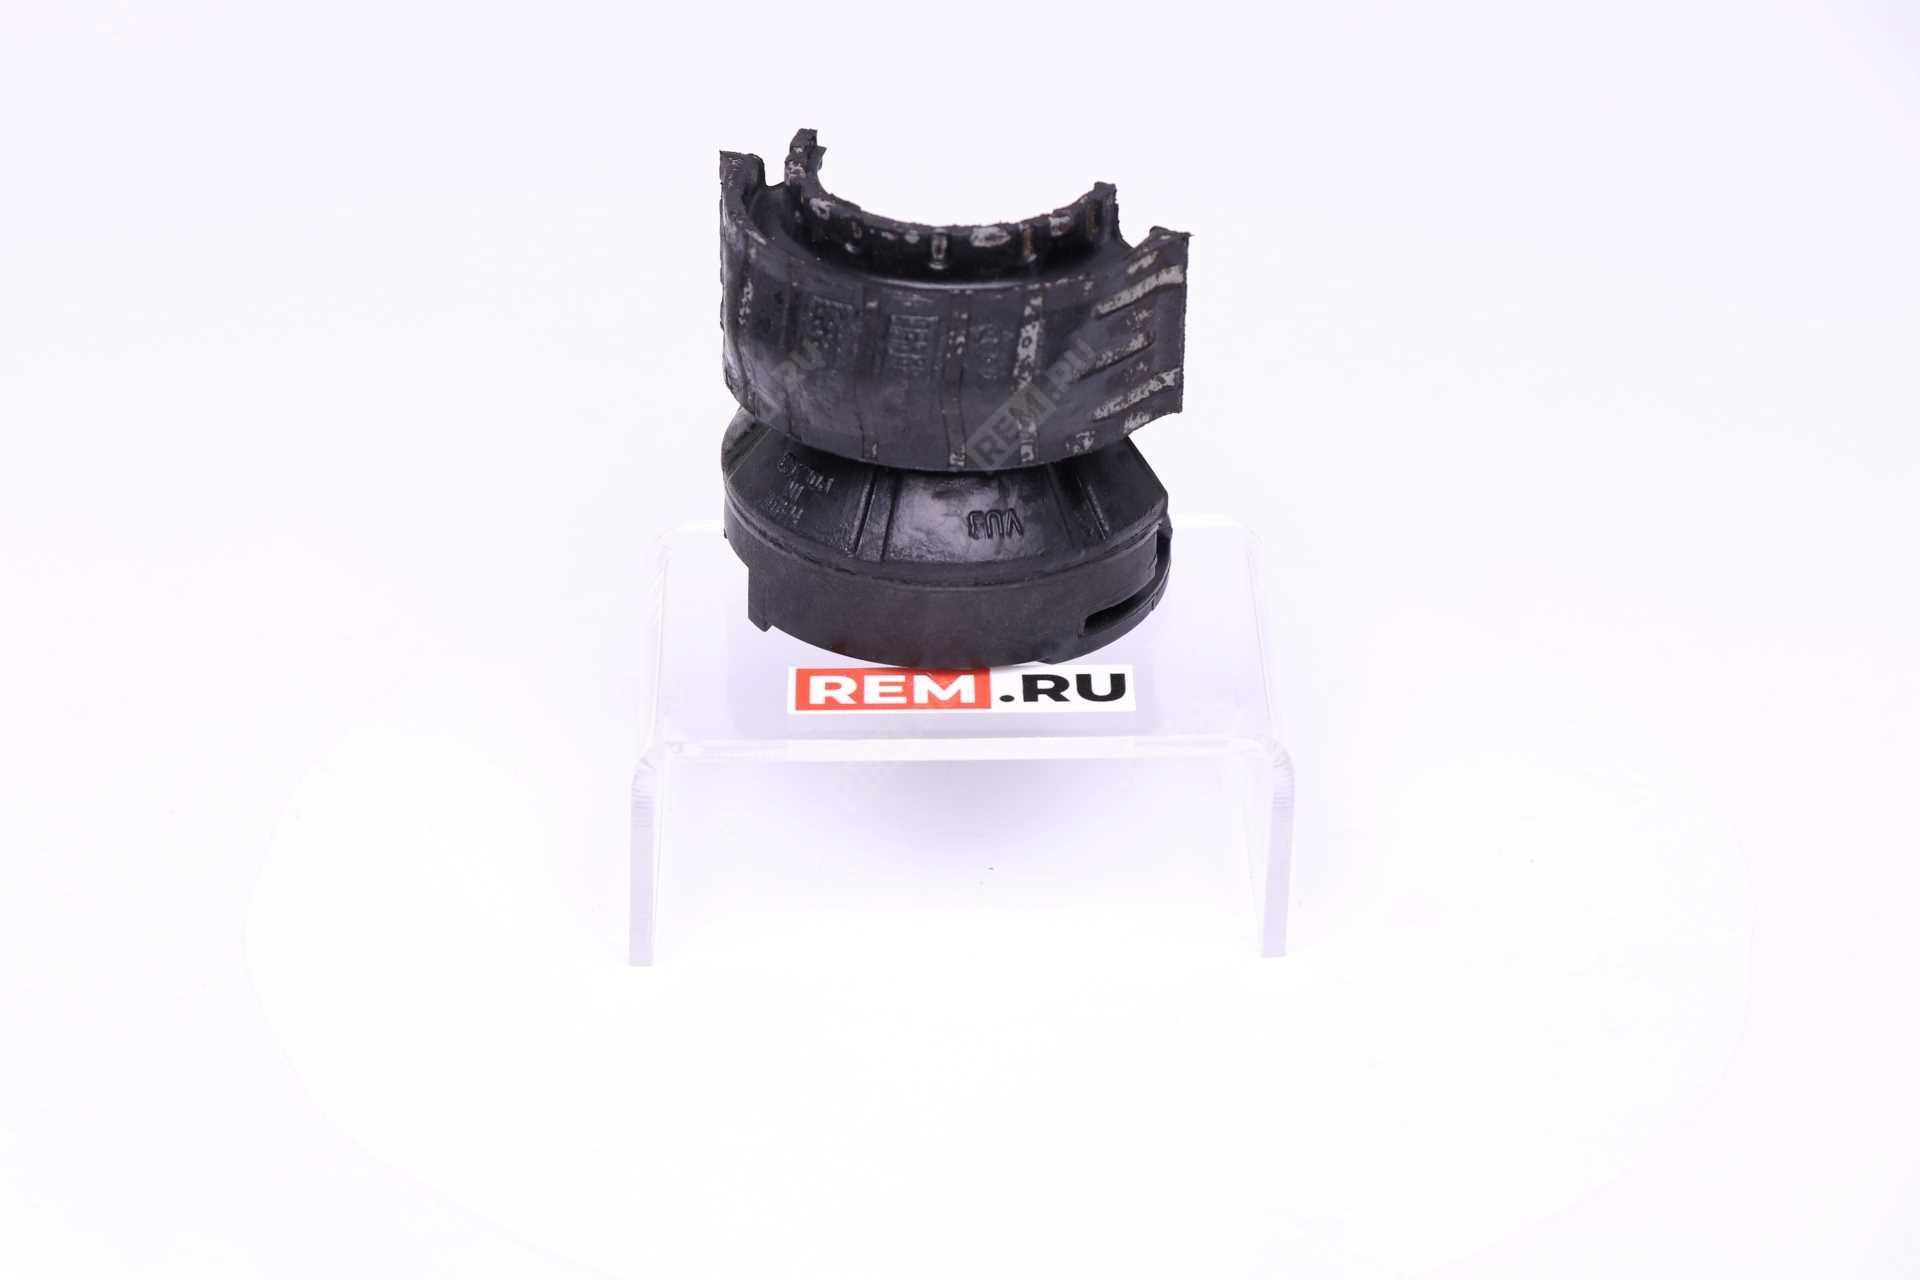 Втулка переднего стабилизатора 7L8411313B